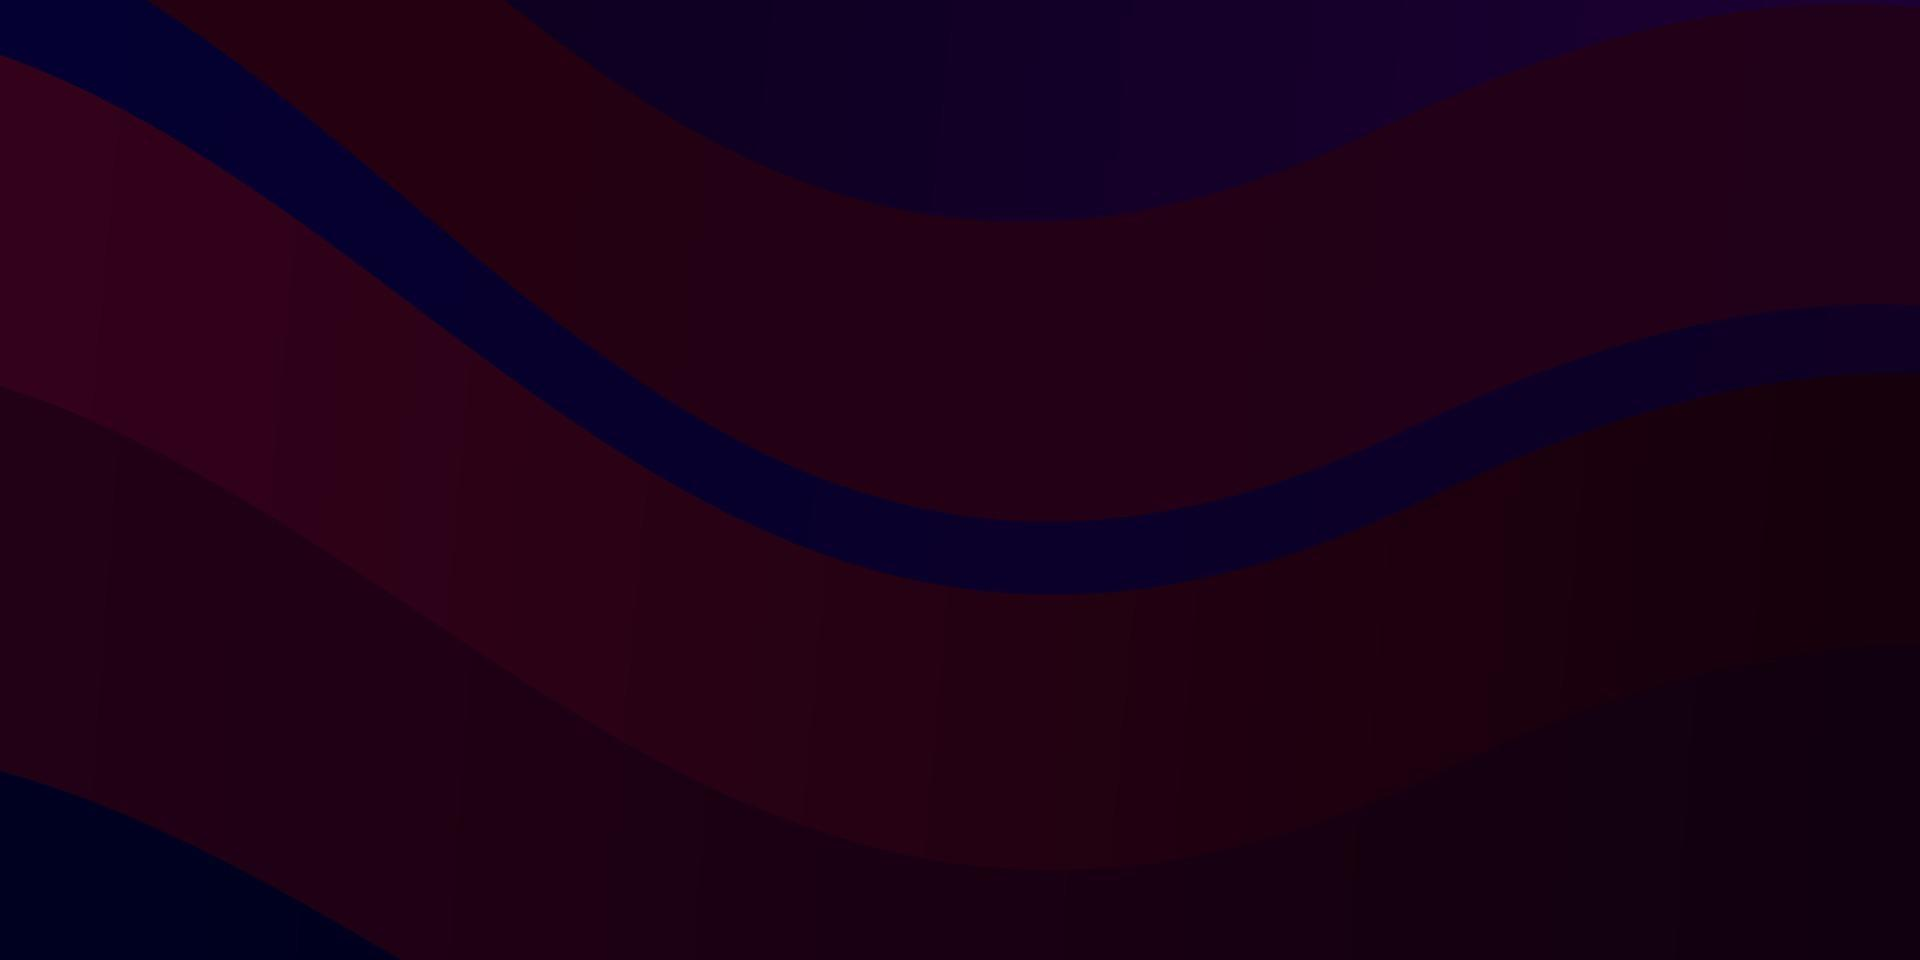 patrón de vector azul oscuro, rojo con líneas.